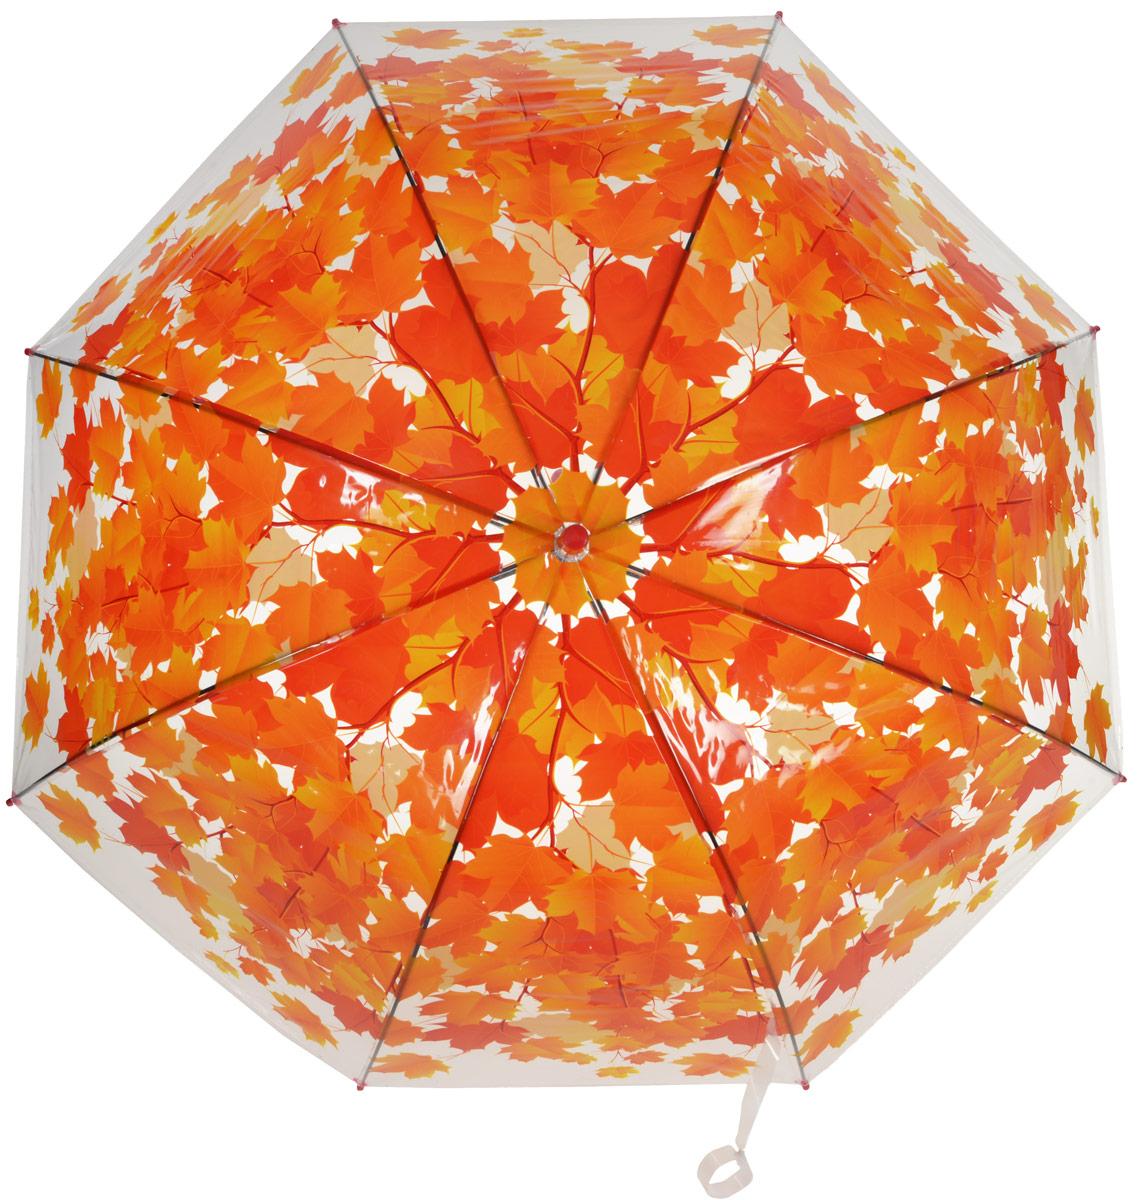 Зонт-трость женский Эврика Листья, полуавтомат, цвет: красный, оранжевый. 9696Оригинальный и элегантный женский зонт-трость Эврика порадует своим оформлением даже в ненастную погоду. Зонт состоит из восьми спиц и стержня выполненных из качественного металла. Купол выполнен из качественного полиэтилена, который не пропускает воду и оформлен красочным рисунком. Зонт дополнен удобной пластиковой ручкой в виде крючка. Изделие имеет механический способ сложения: и купол, и стержень открываются и закрываются вручную до характерного щелчка. Зонт закрывается хлястиком на кнопку. Такой зонт не оставит вас незамеченной.